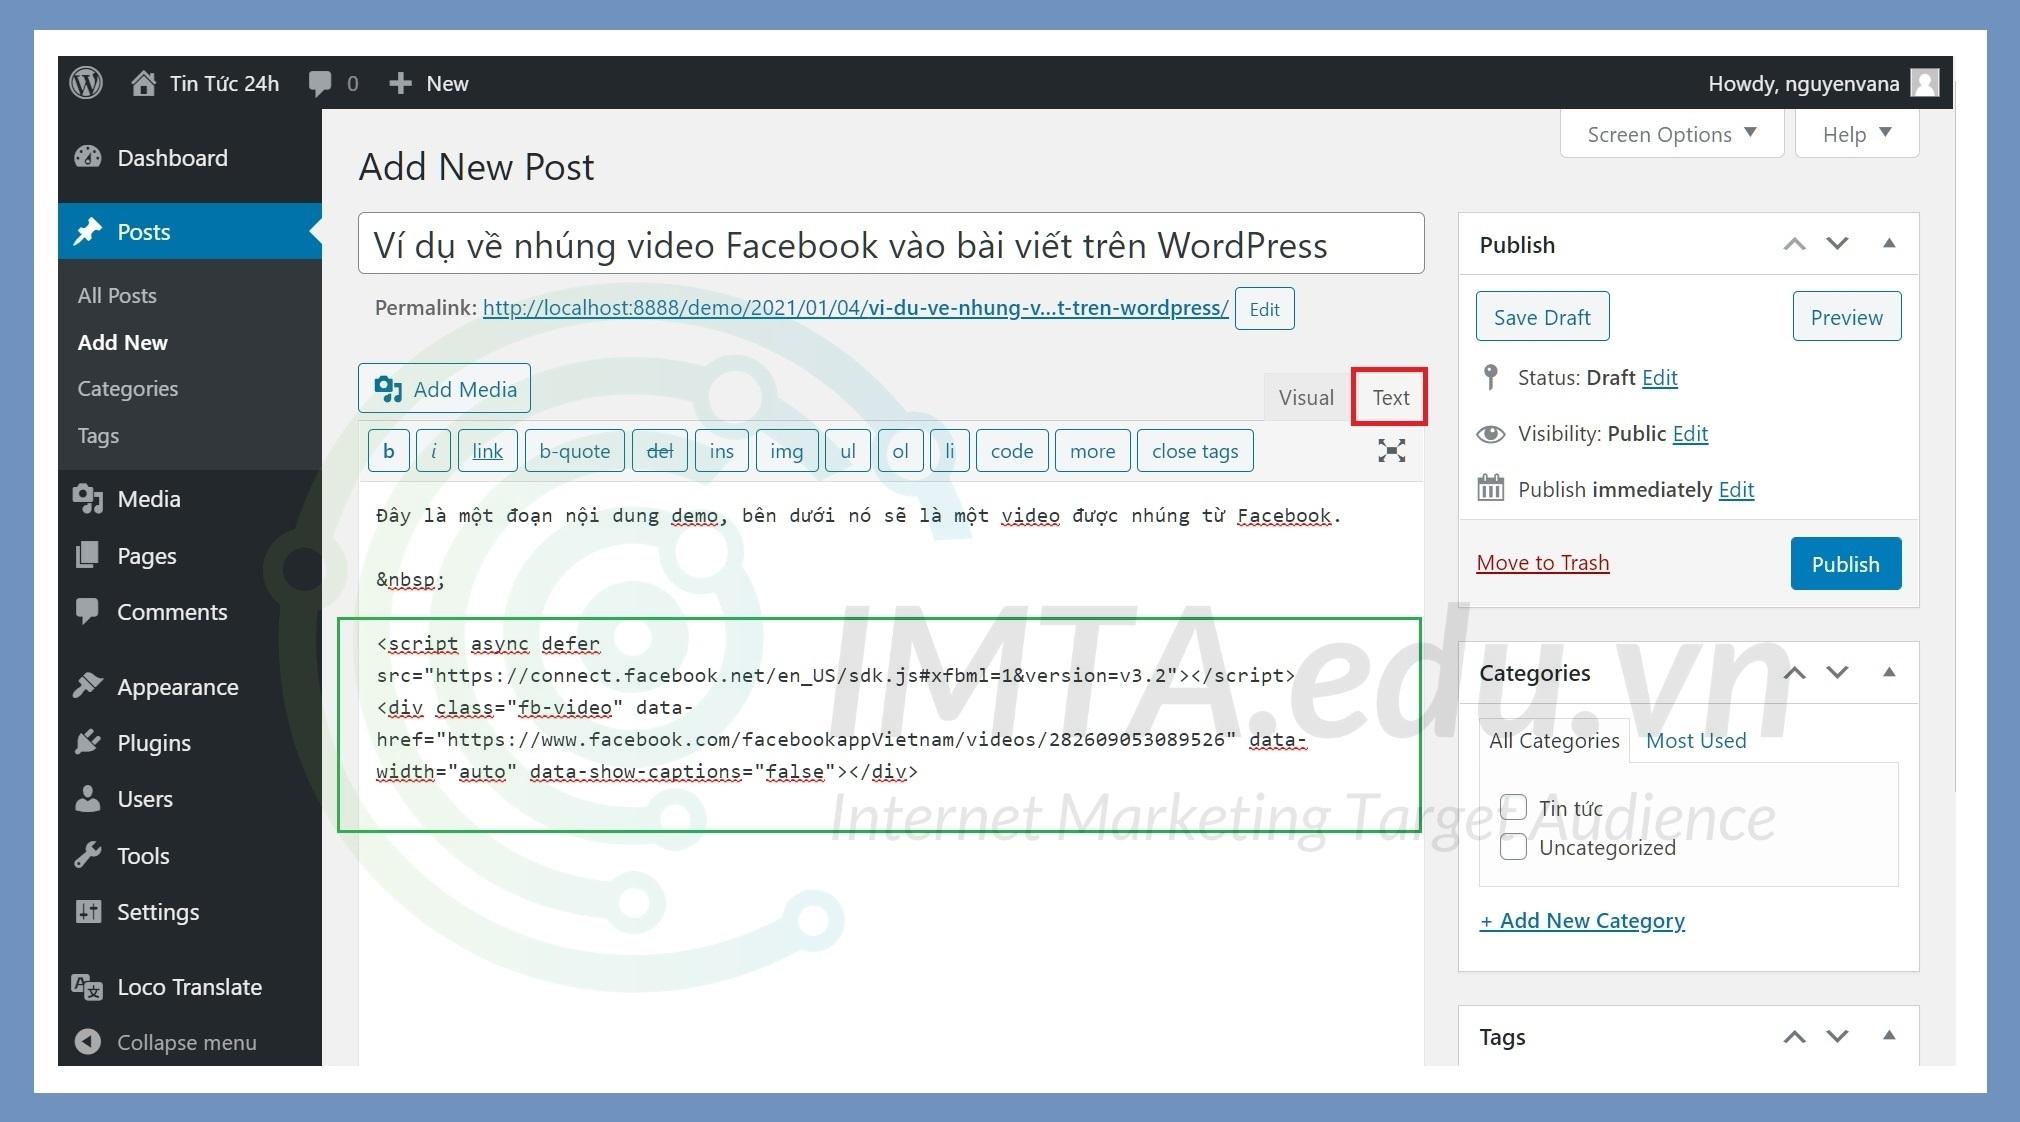 Ví dụ về nhúng video Facebook vào bài viết